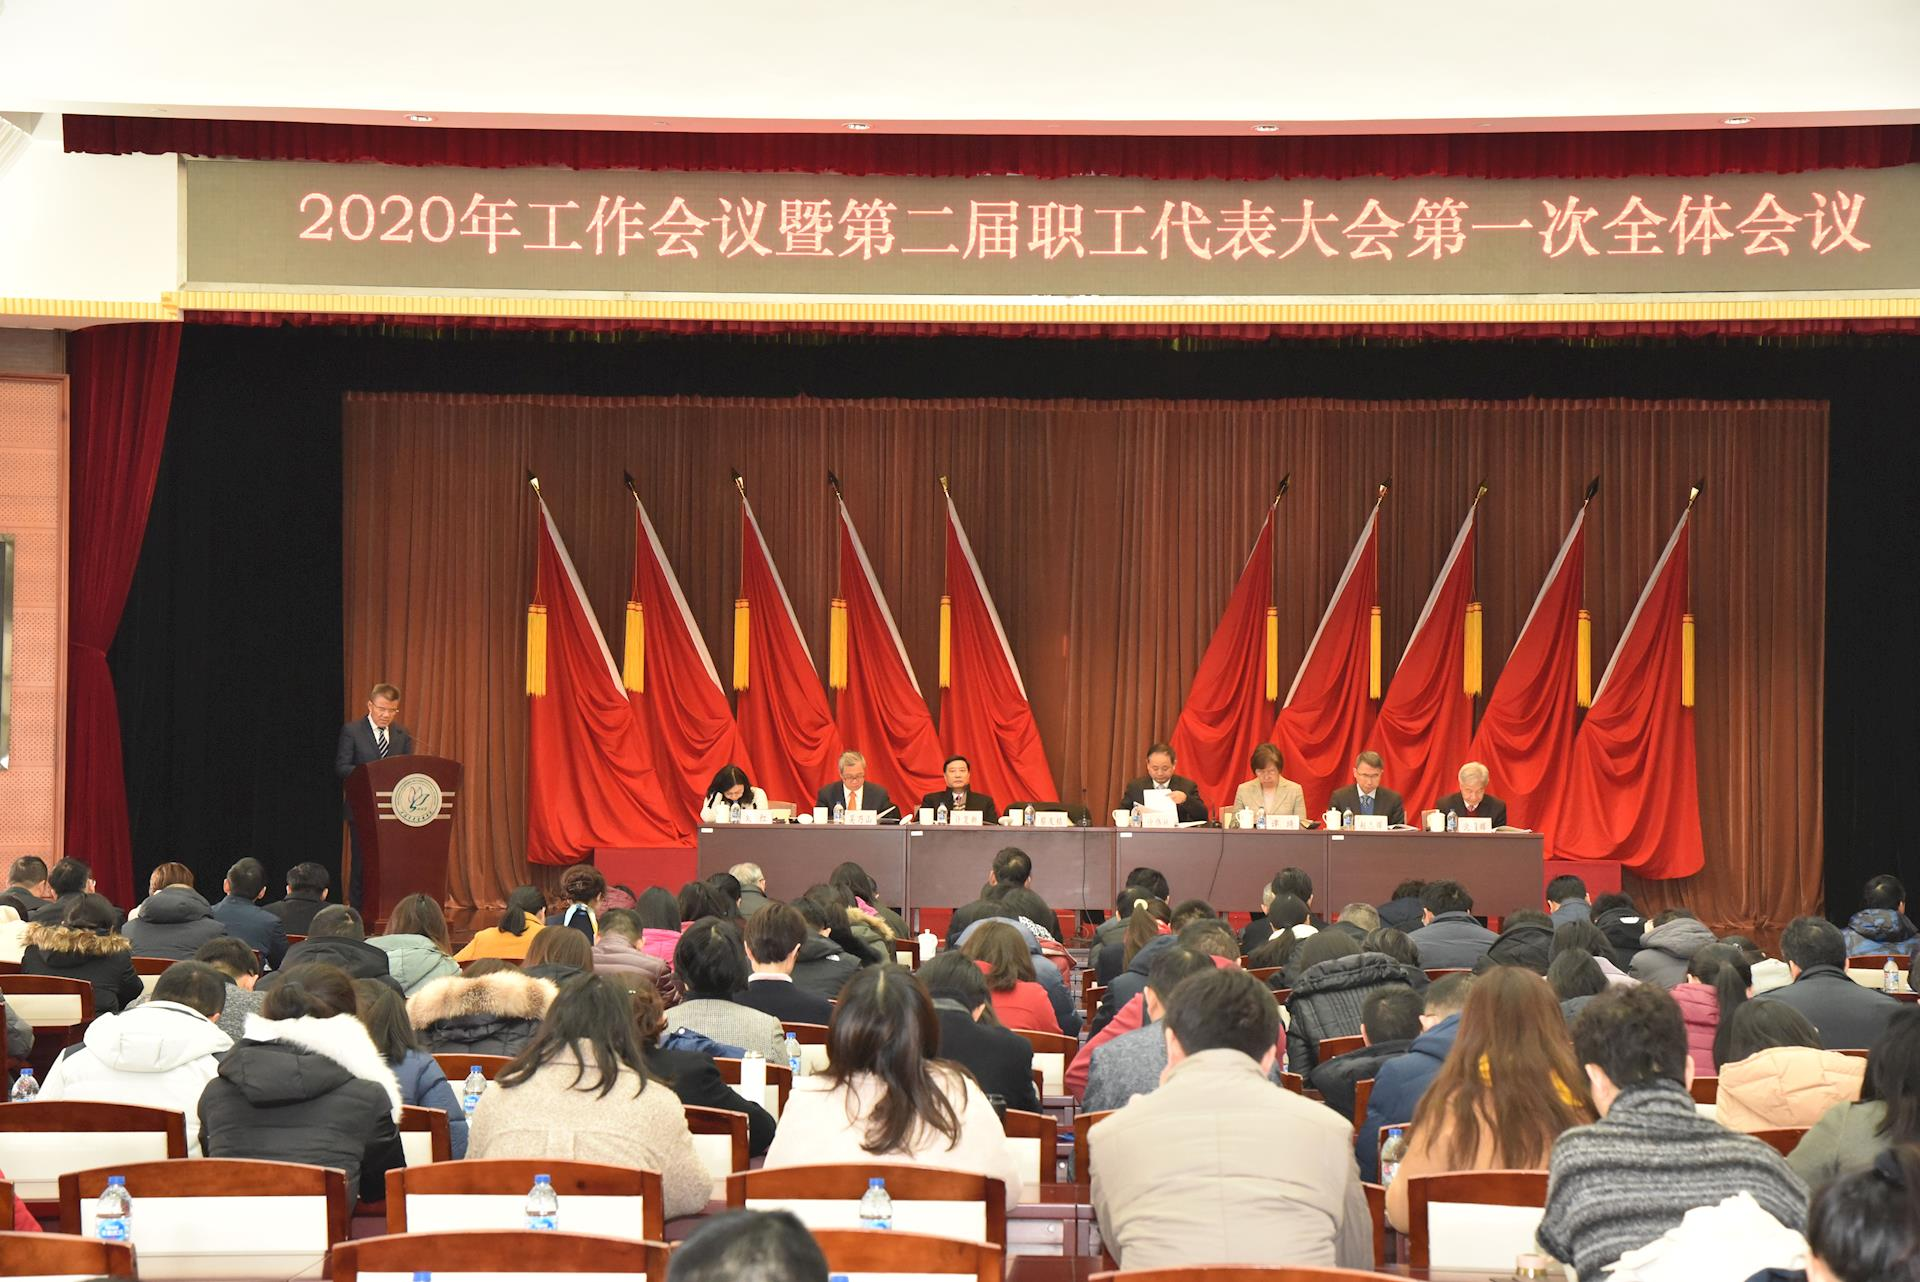 永利网平台召开2020年工作会议暨第二届职工代表大会第一次全体会议